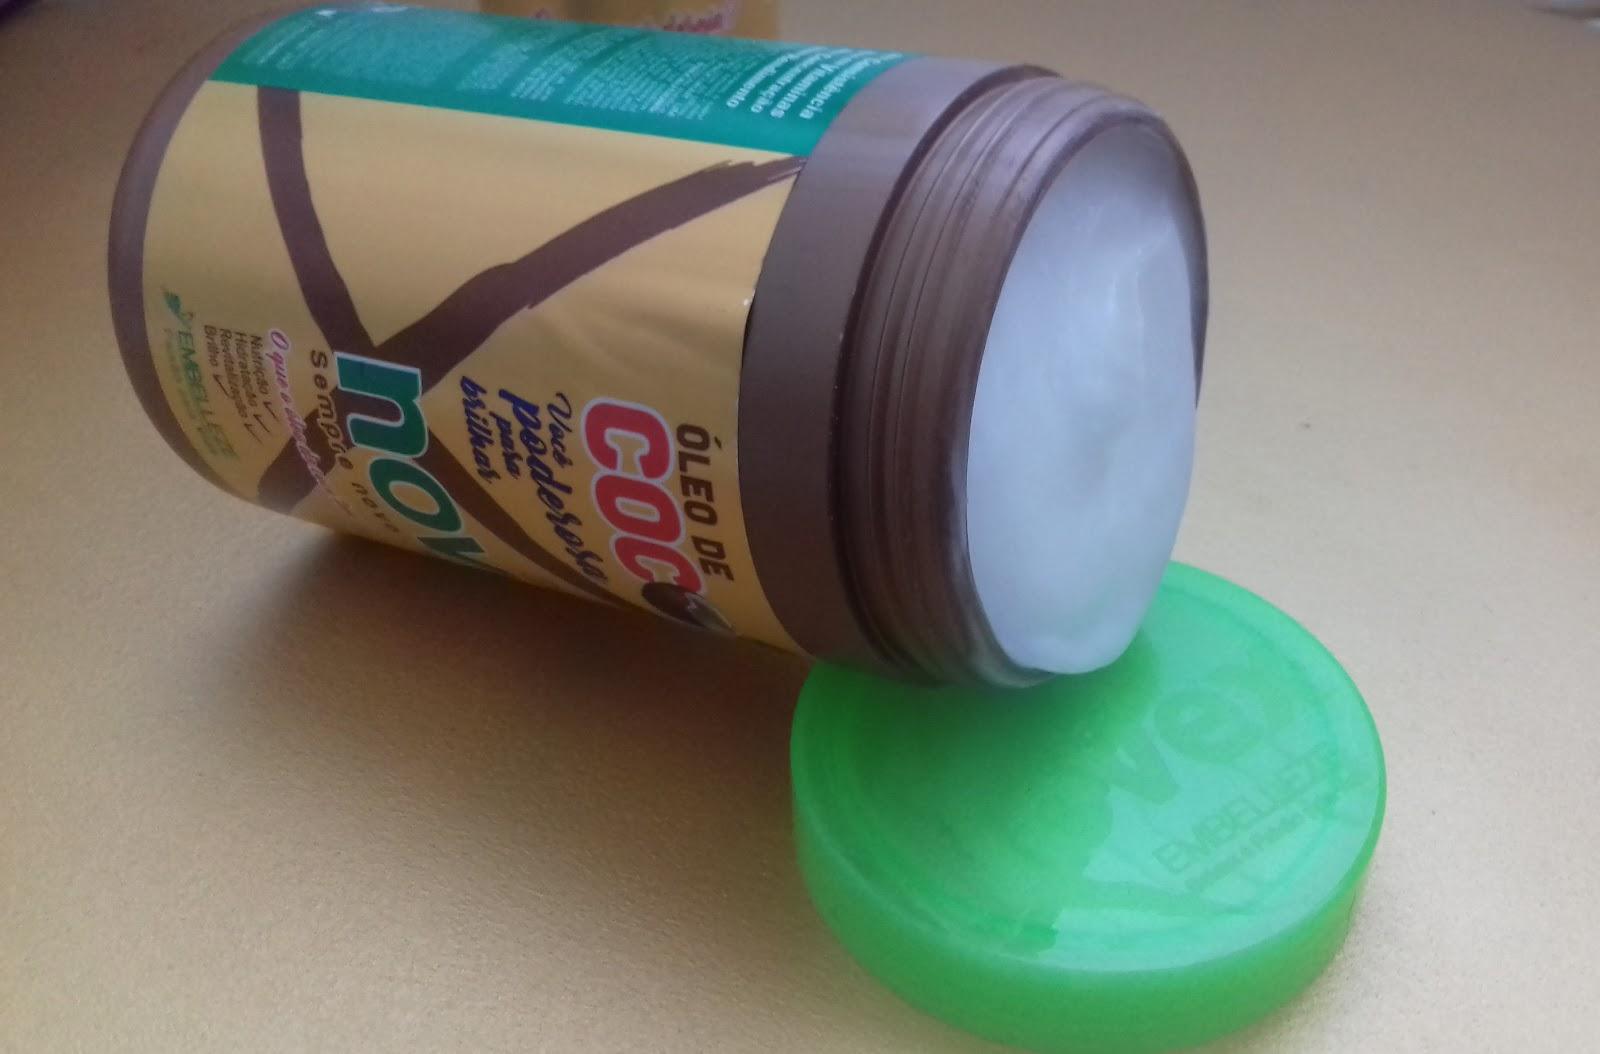 Oleo de coco embelleze - belanaselfie 4